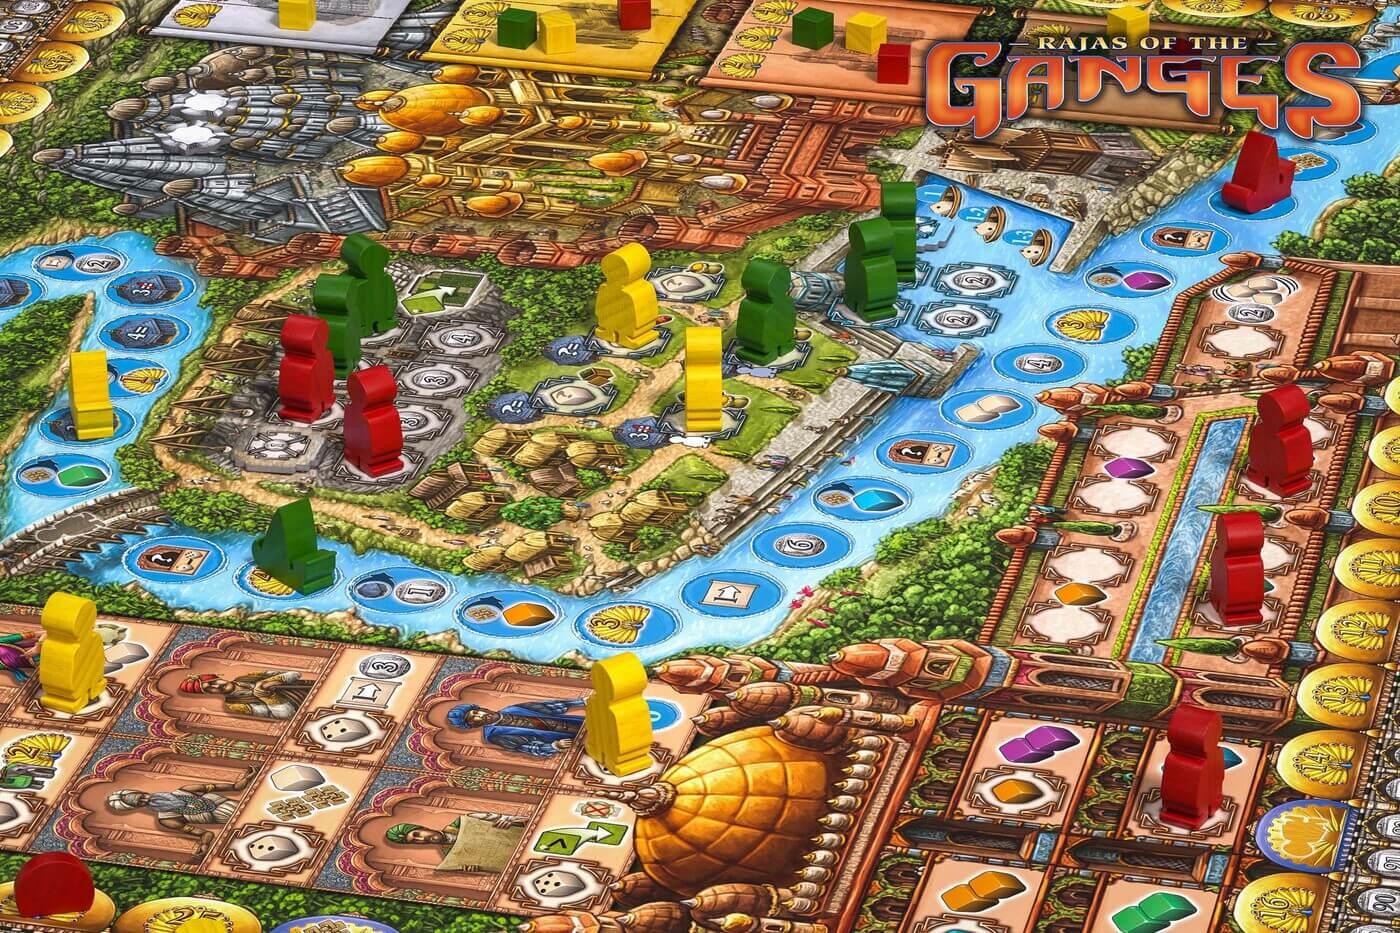 Fokus - Spielbrett mit Spielfiguren aus Holz- Rajas of the Ganges